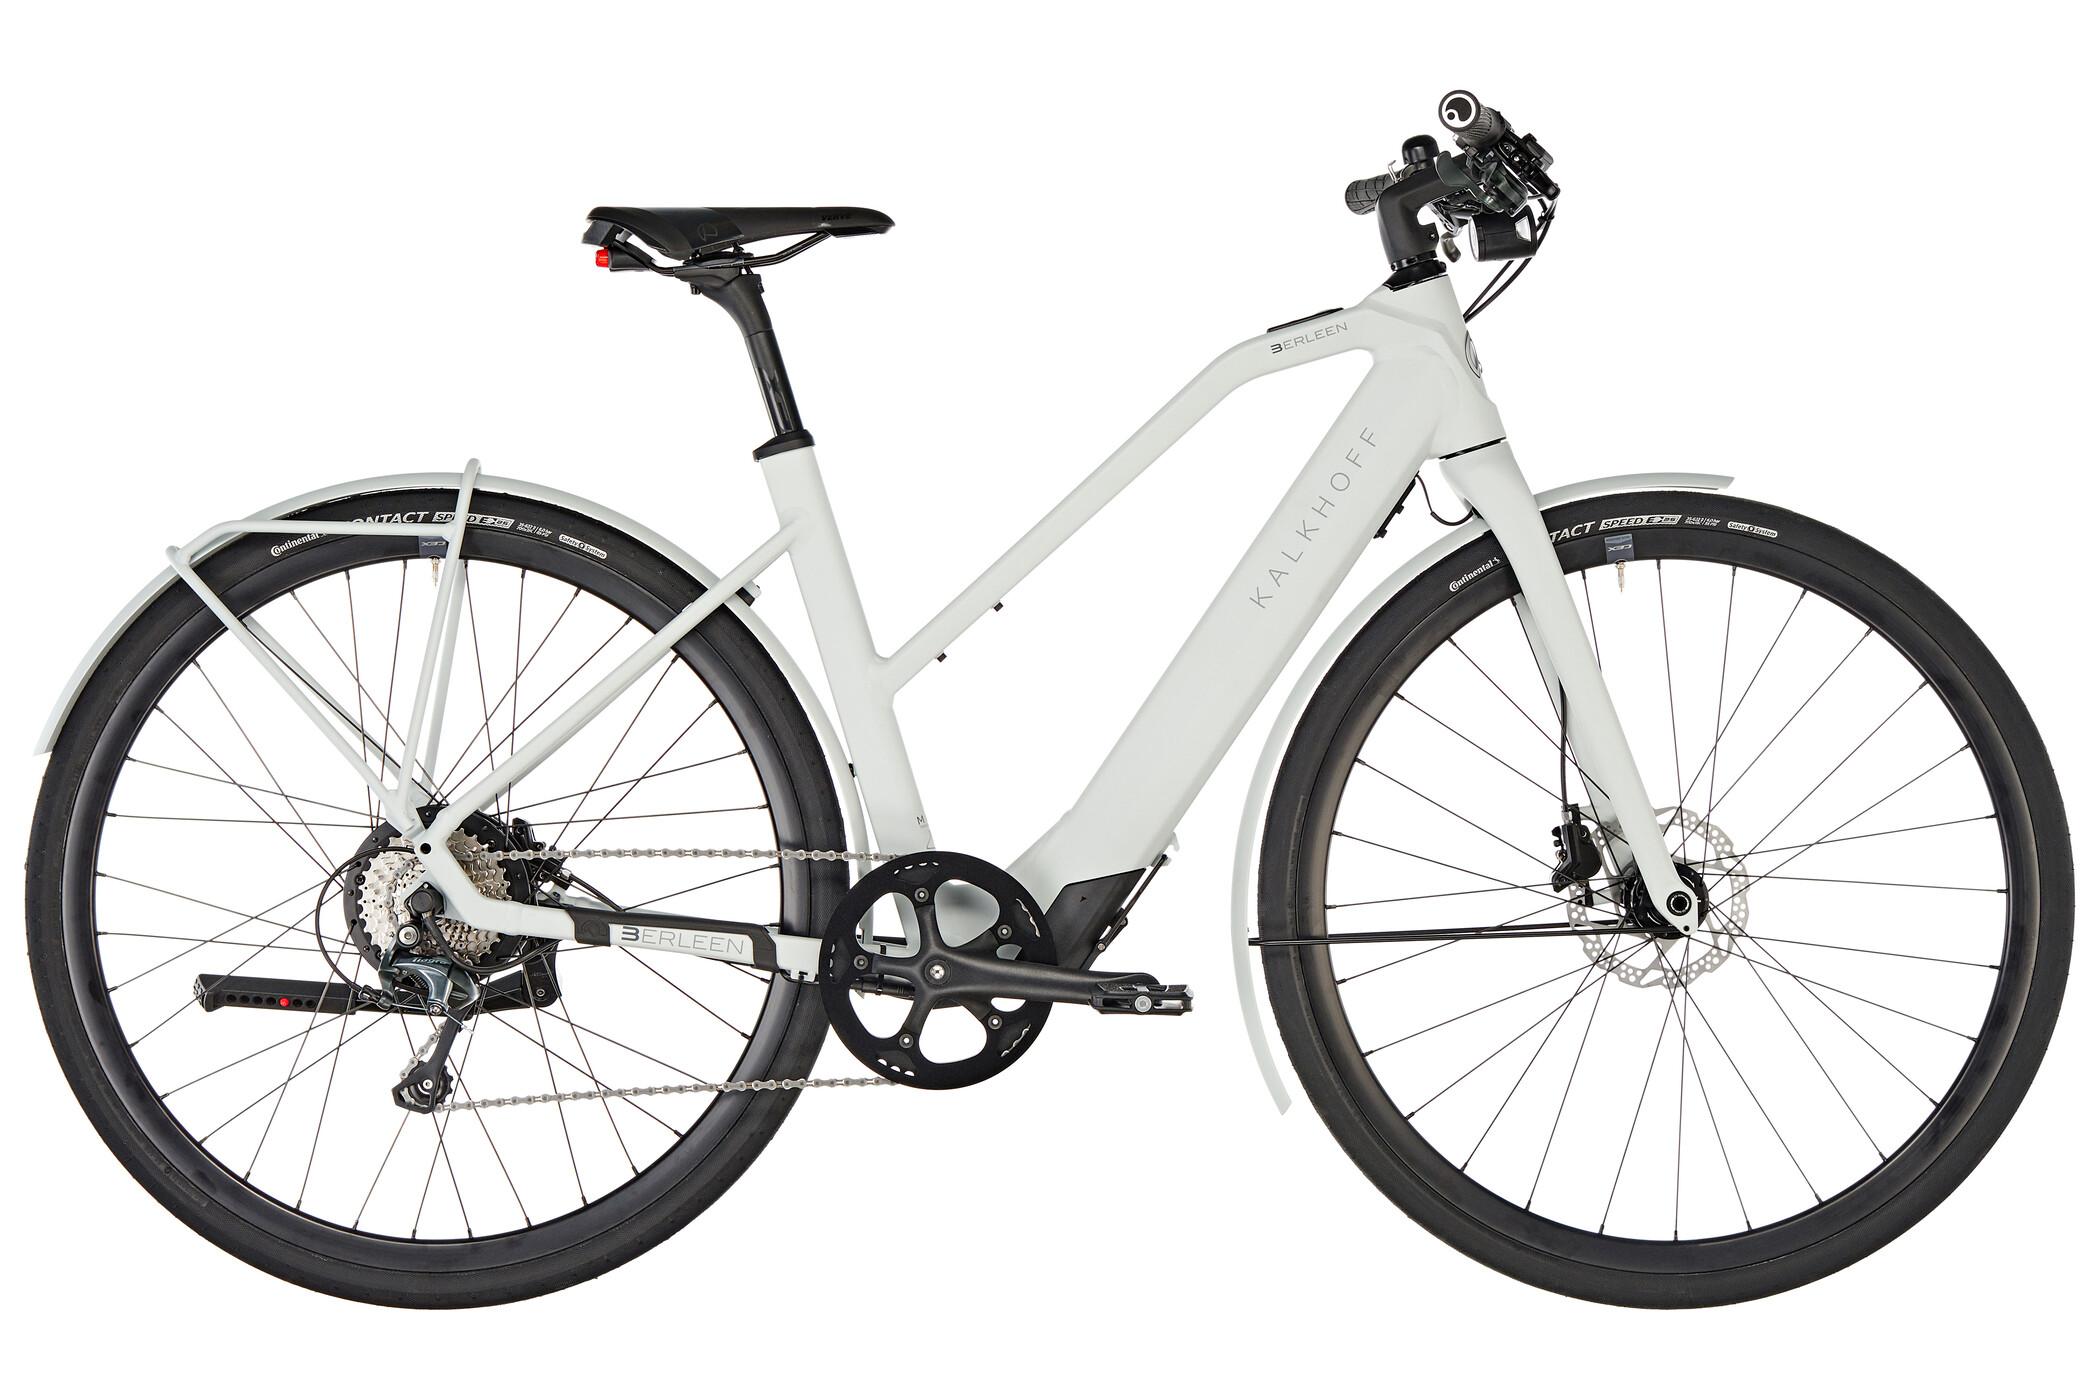 Kalkhoff Berleen 5.G Advance E-citybike Trapez 252Wh grå (2019) | City-cykler